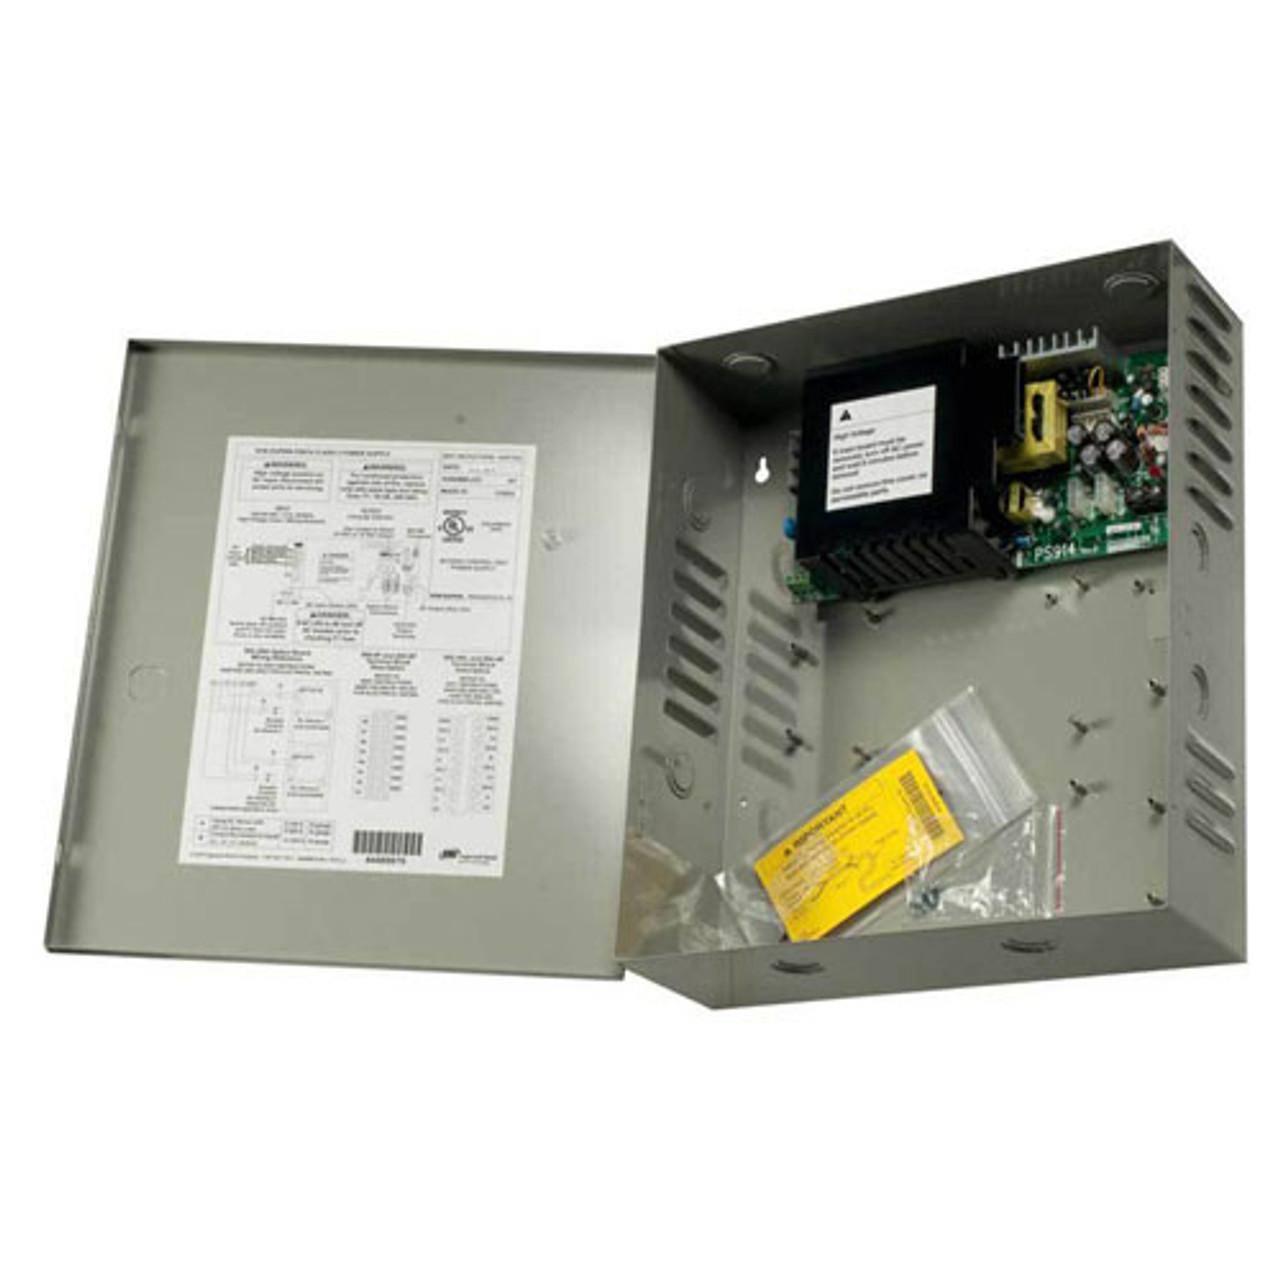 PS914 Von Duprin Power Supply